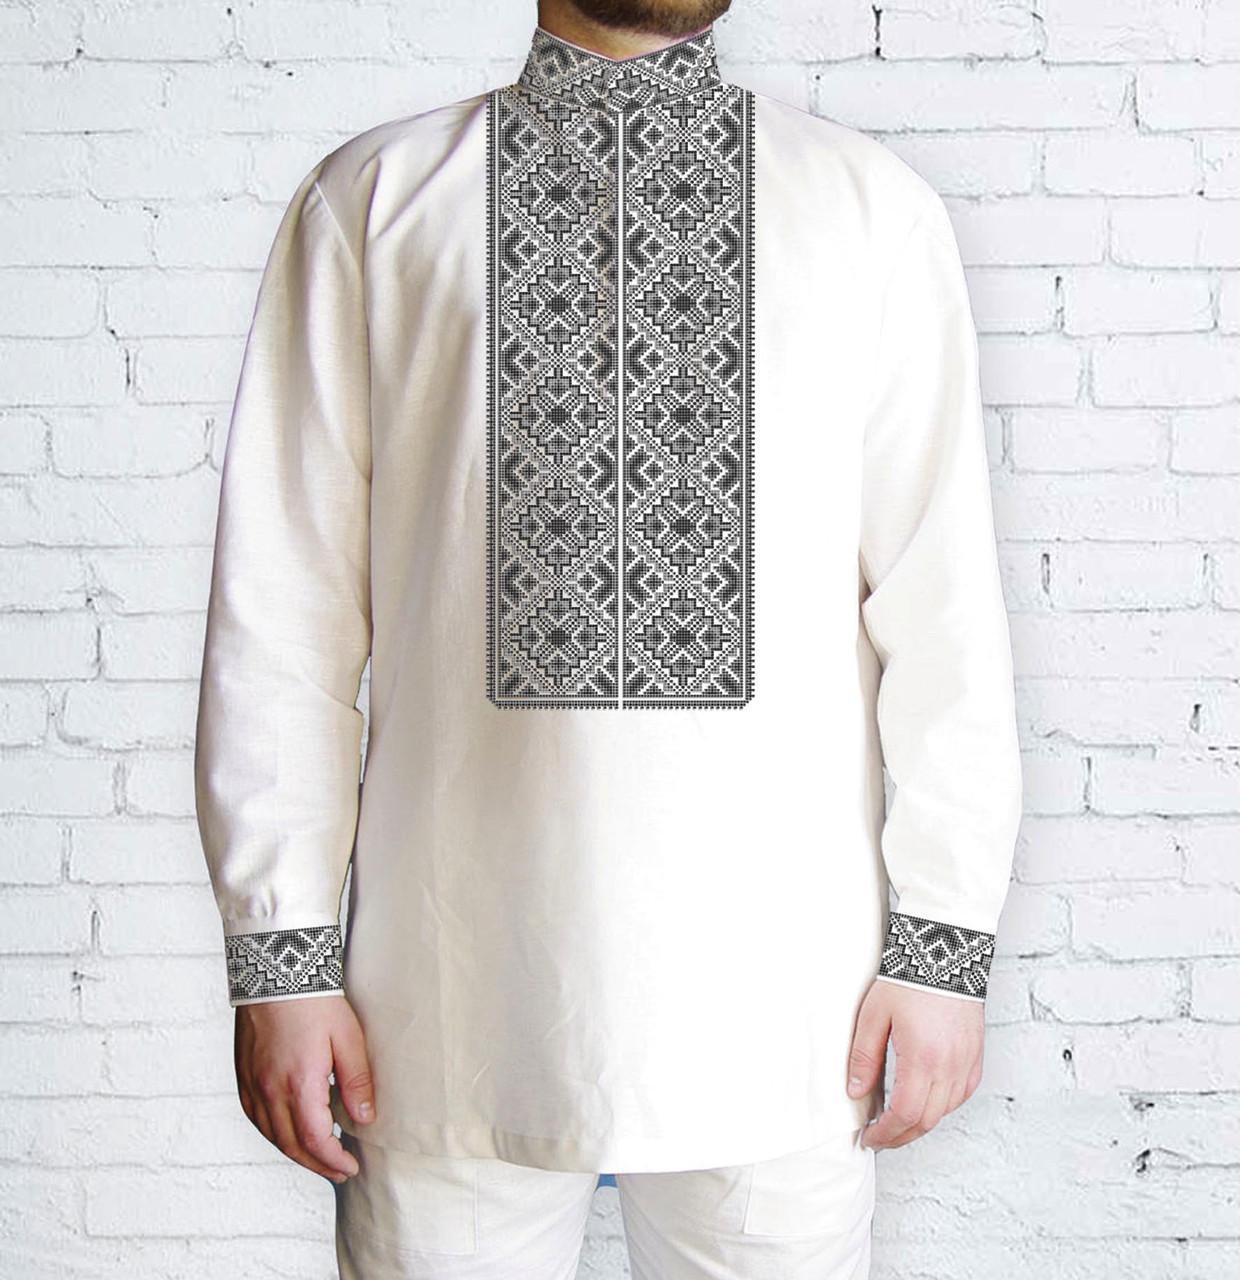 Заготовка чоловічої сорочки та вишиванки для вишивки чи вишивання бісером Бисерок «Ромби сірі» (Ч-508 С )